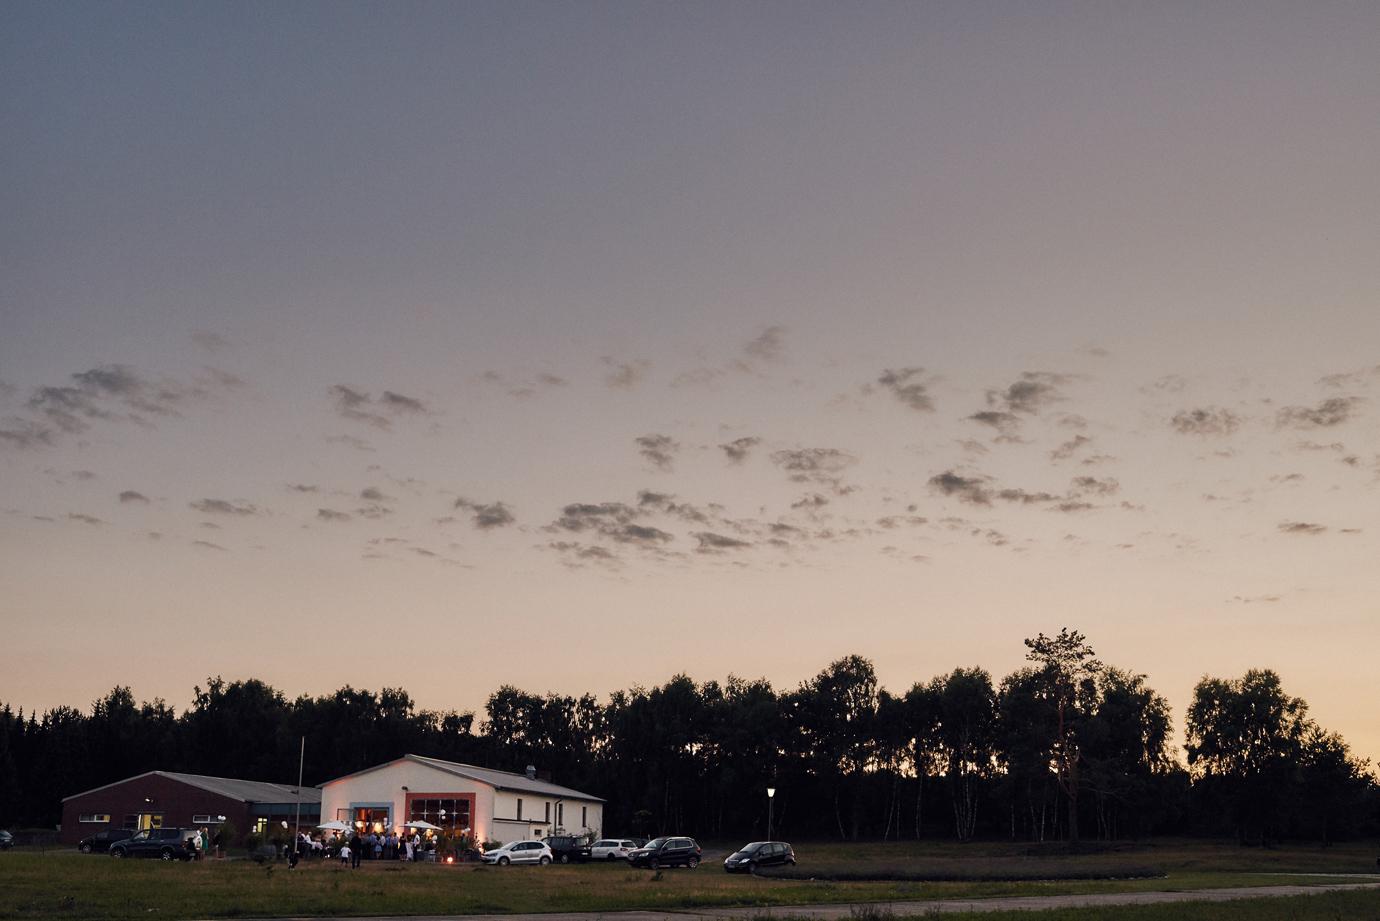 hochzeitsfotograf camp reinsehlen